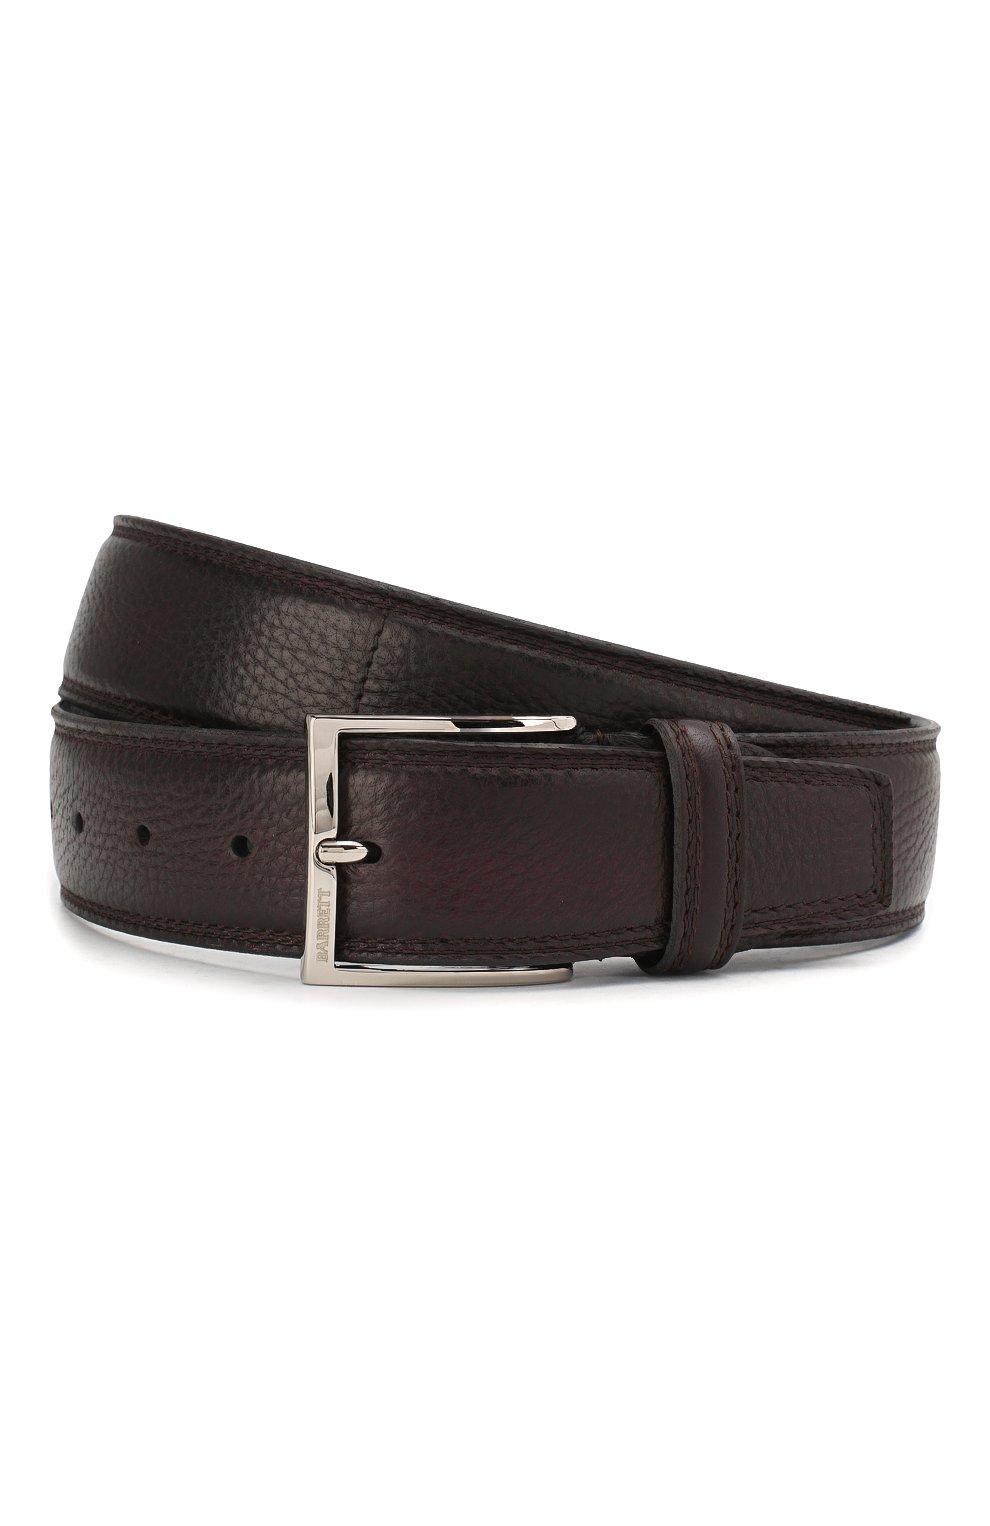 Мужской кожаный ремень с металлической пряжкой BARRETT бордового цвета, арт. 81B537.6/CERV0 ASP0RTABILE | Фото 1